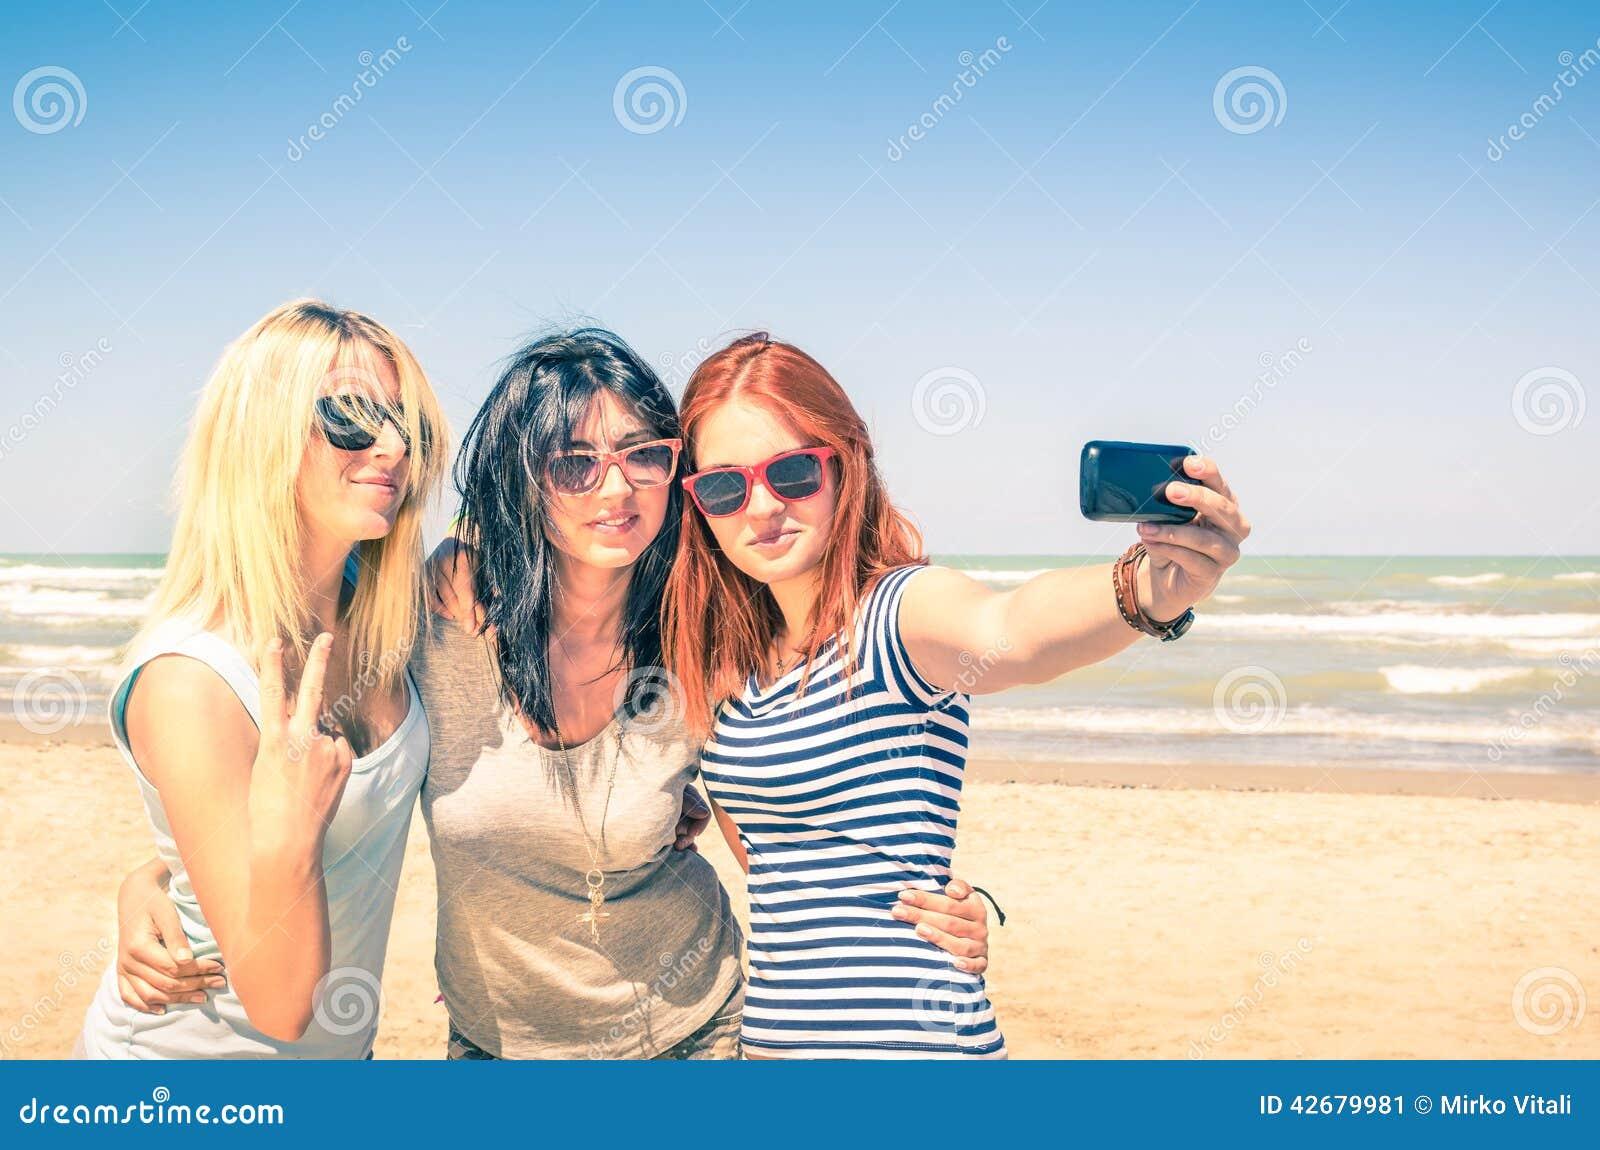 Как сделать красивое фото с друзьями